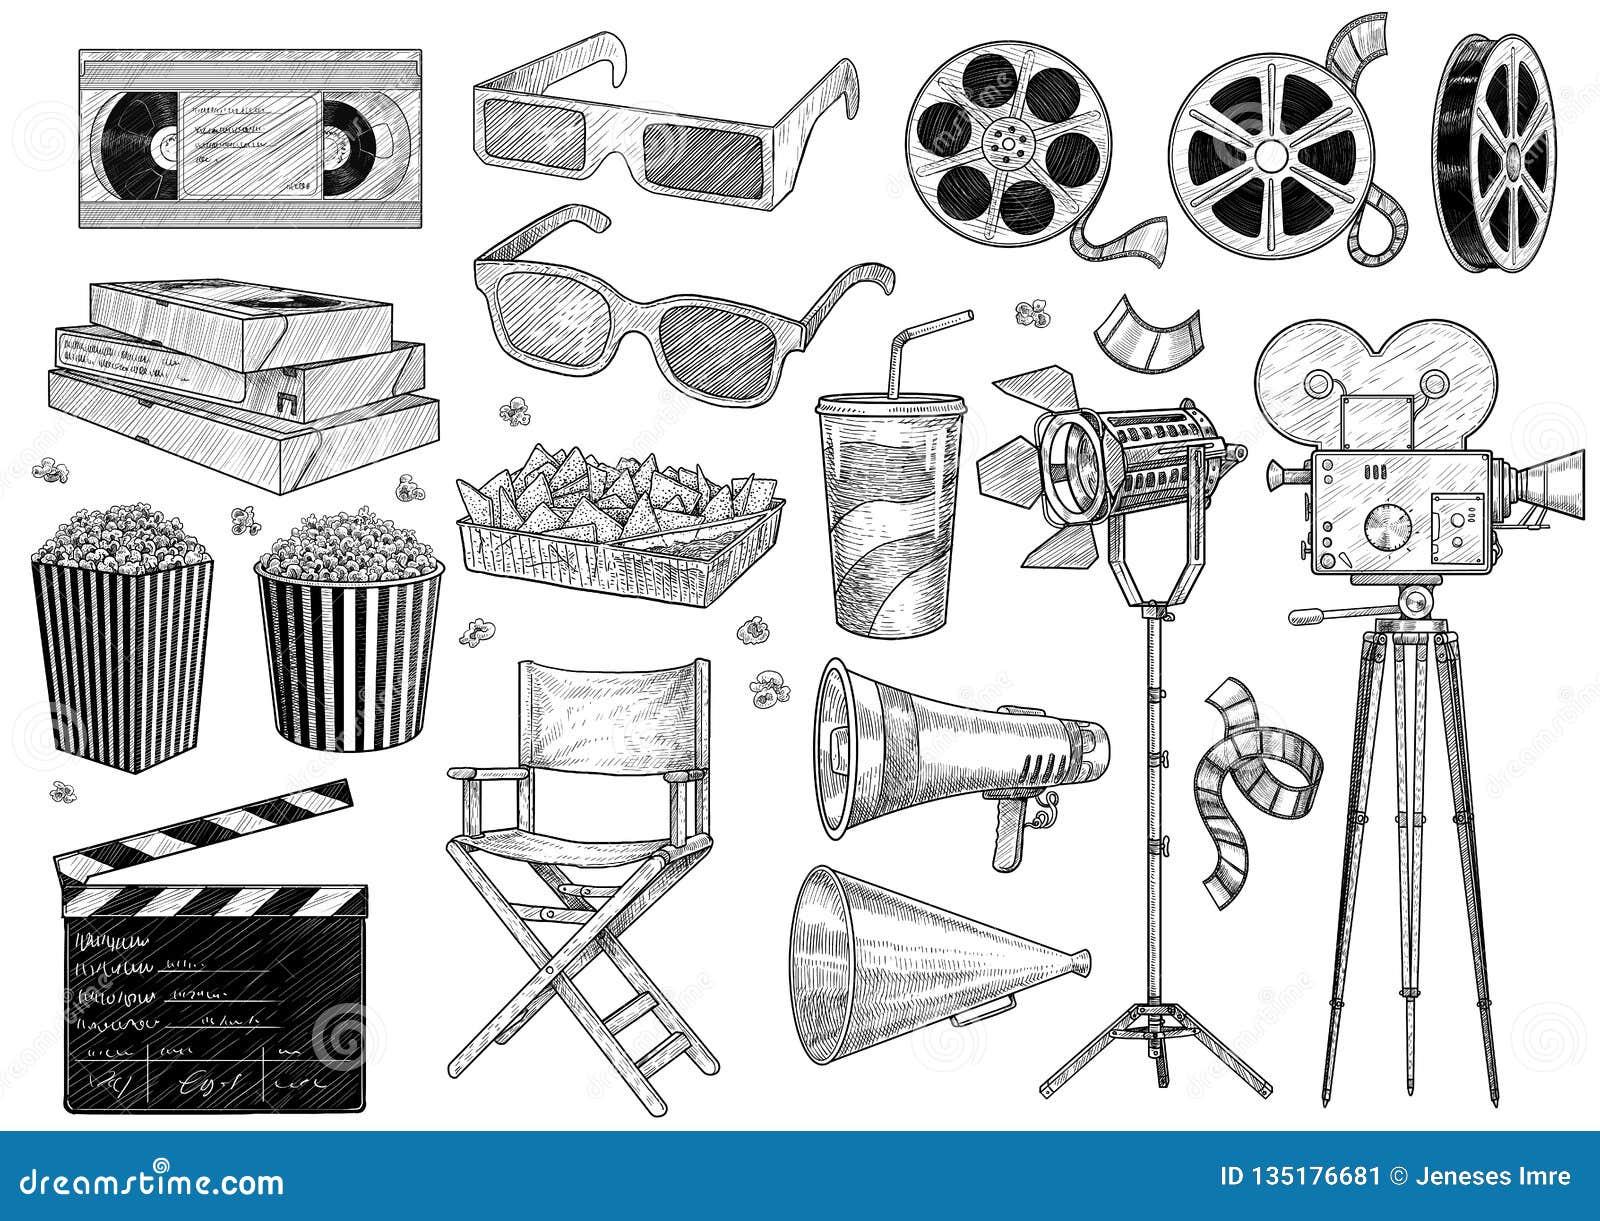 Κινηματογράφος, κινηματογράφος, απεικόνιση συλλογής, σχέδιο, χάραξη, μελάνι, τέχνη γραμμών, διάνυσμα